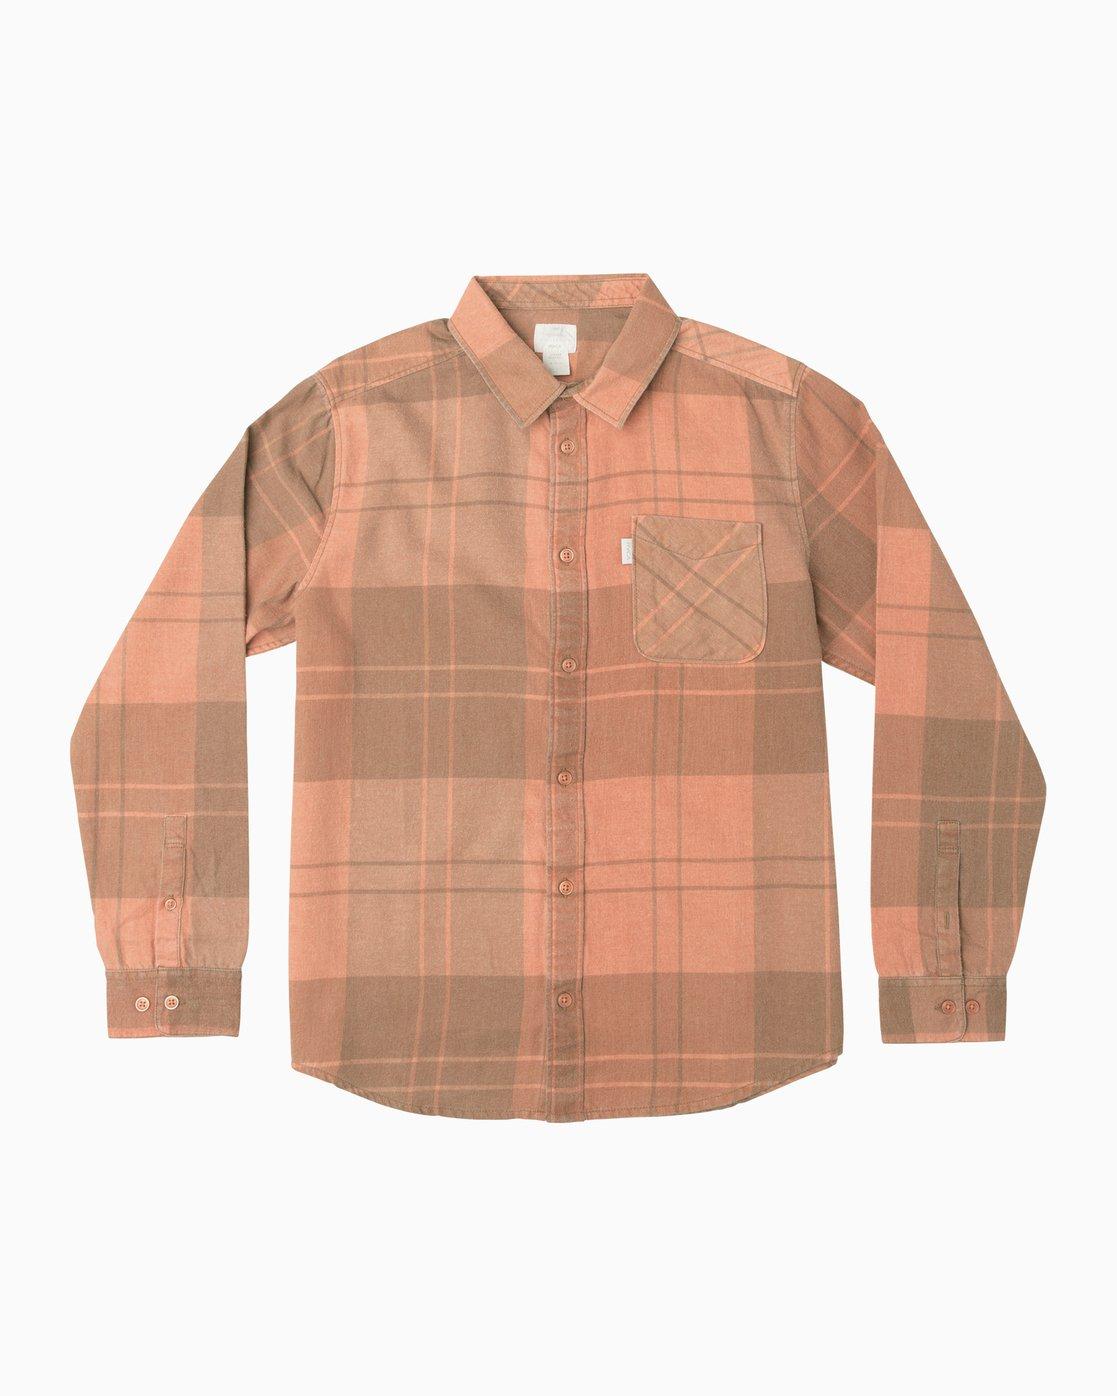 0 Good Stuff Neutral Flannel Orange M525QRGS RVCA